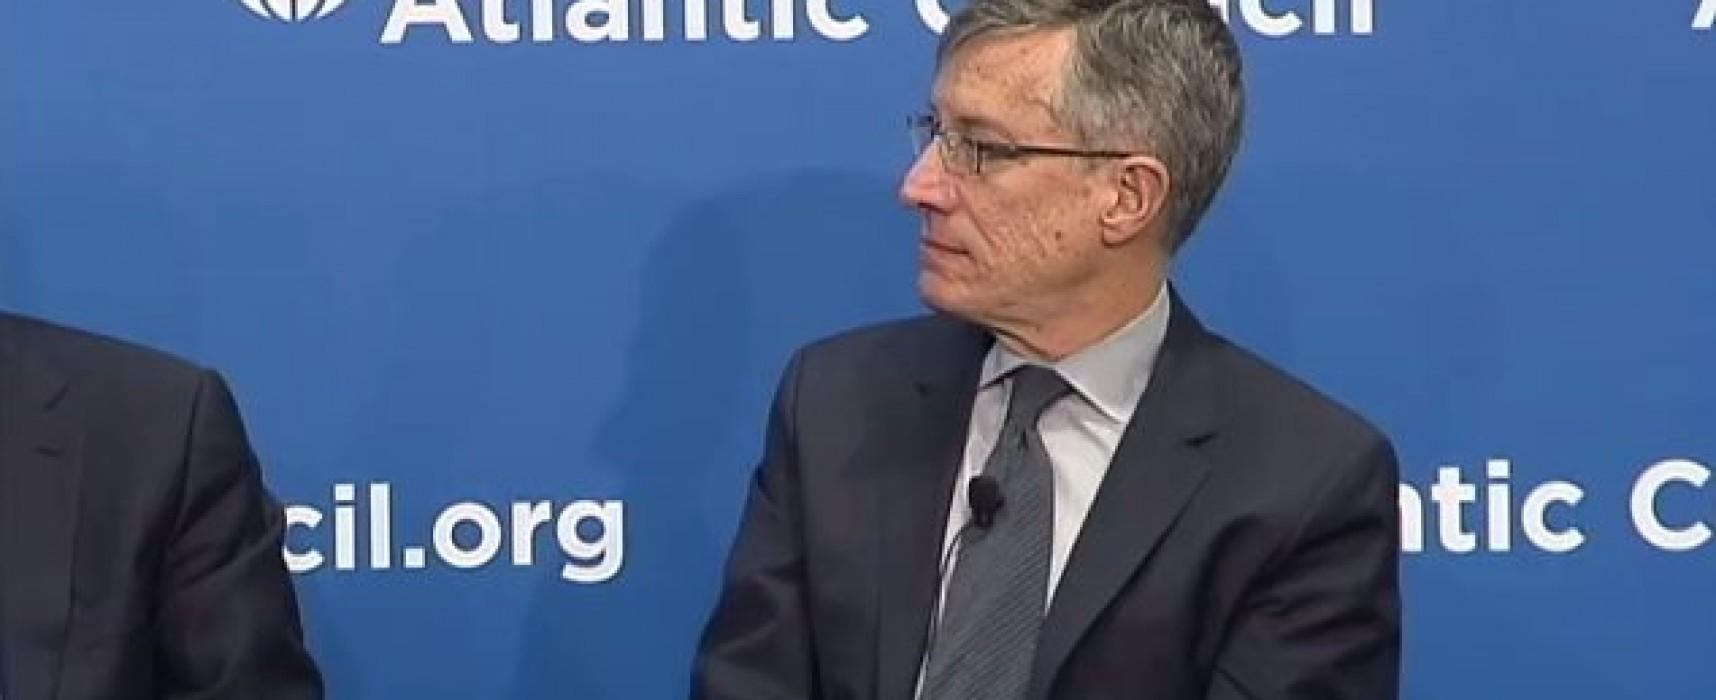 Los senadores de EE.UU hace un llamado para resistir la propaganda rusa y china